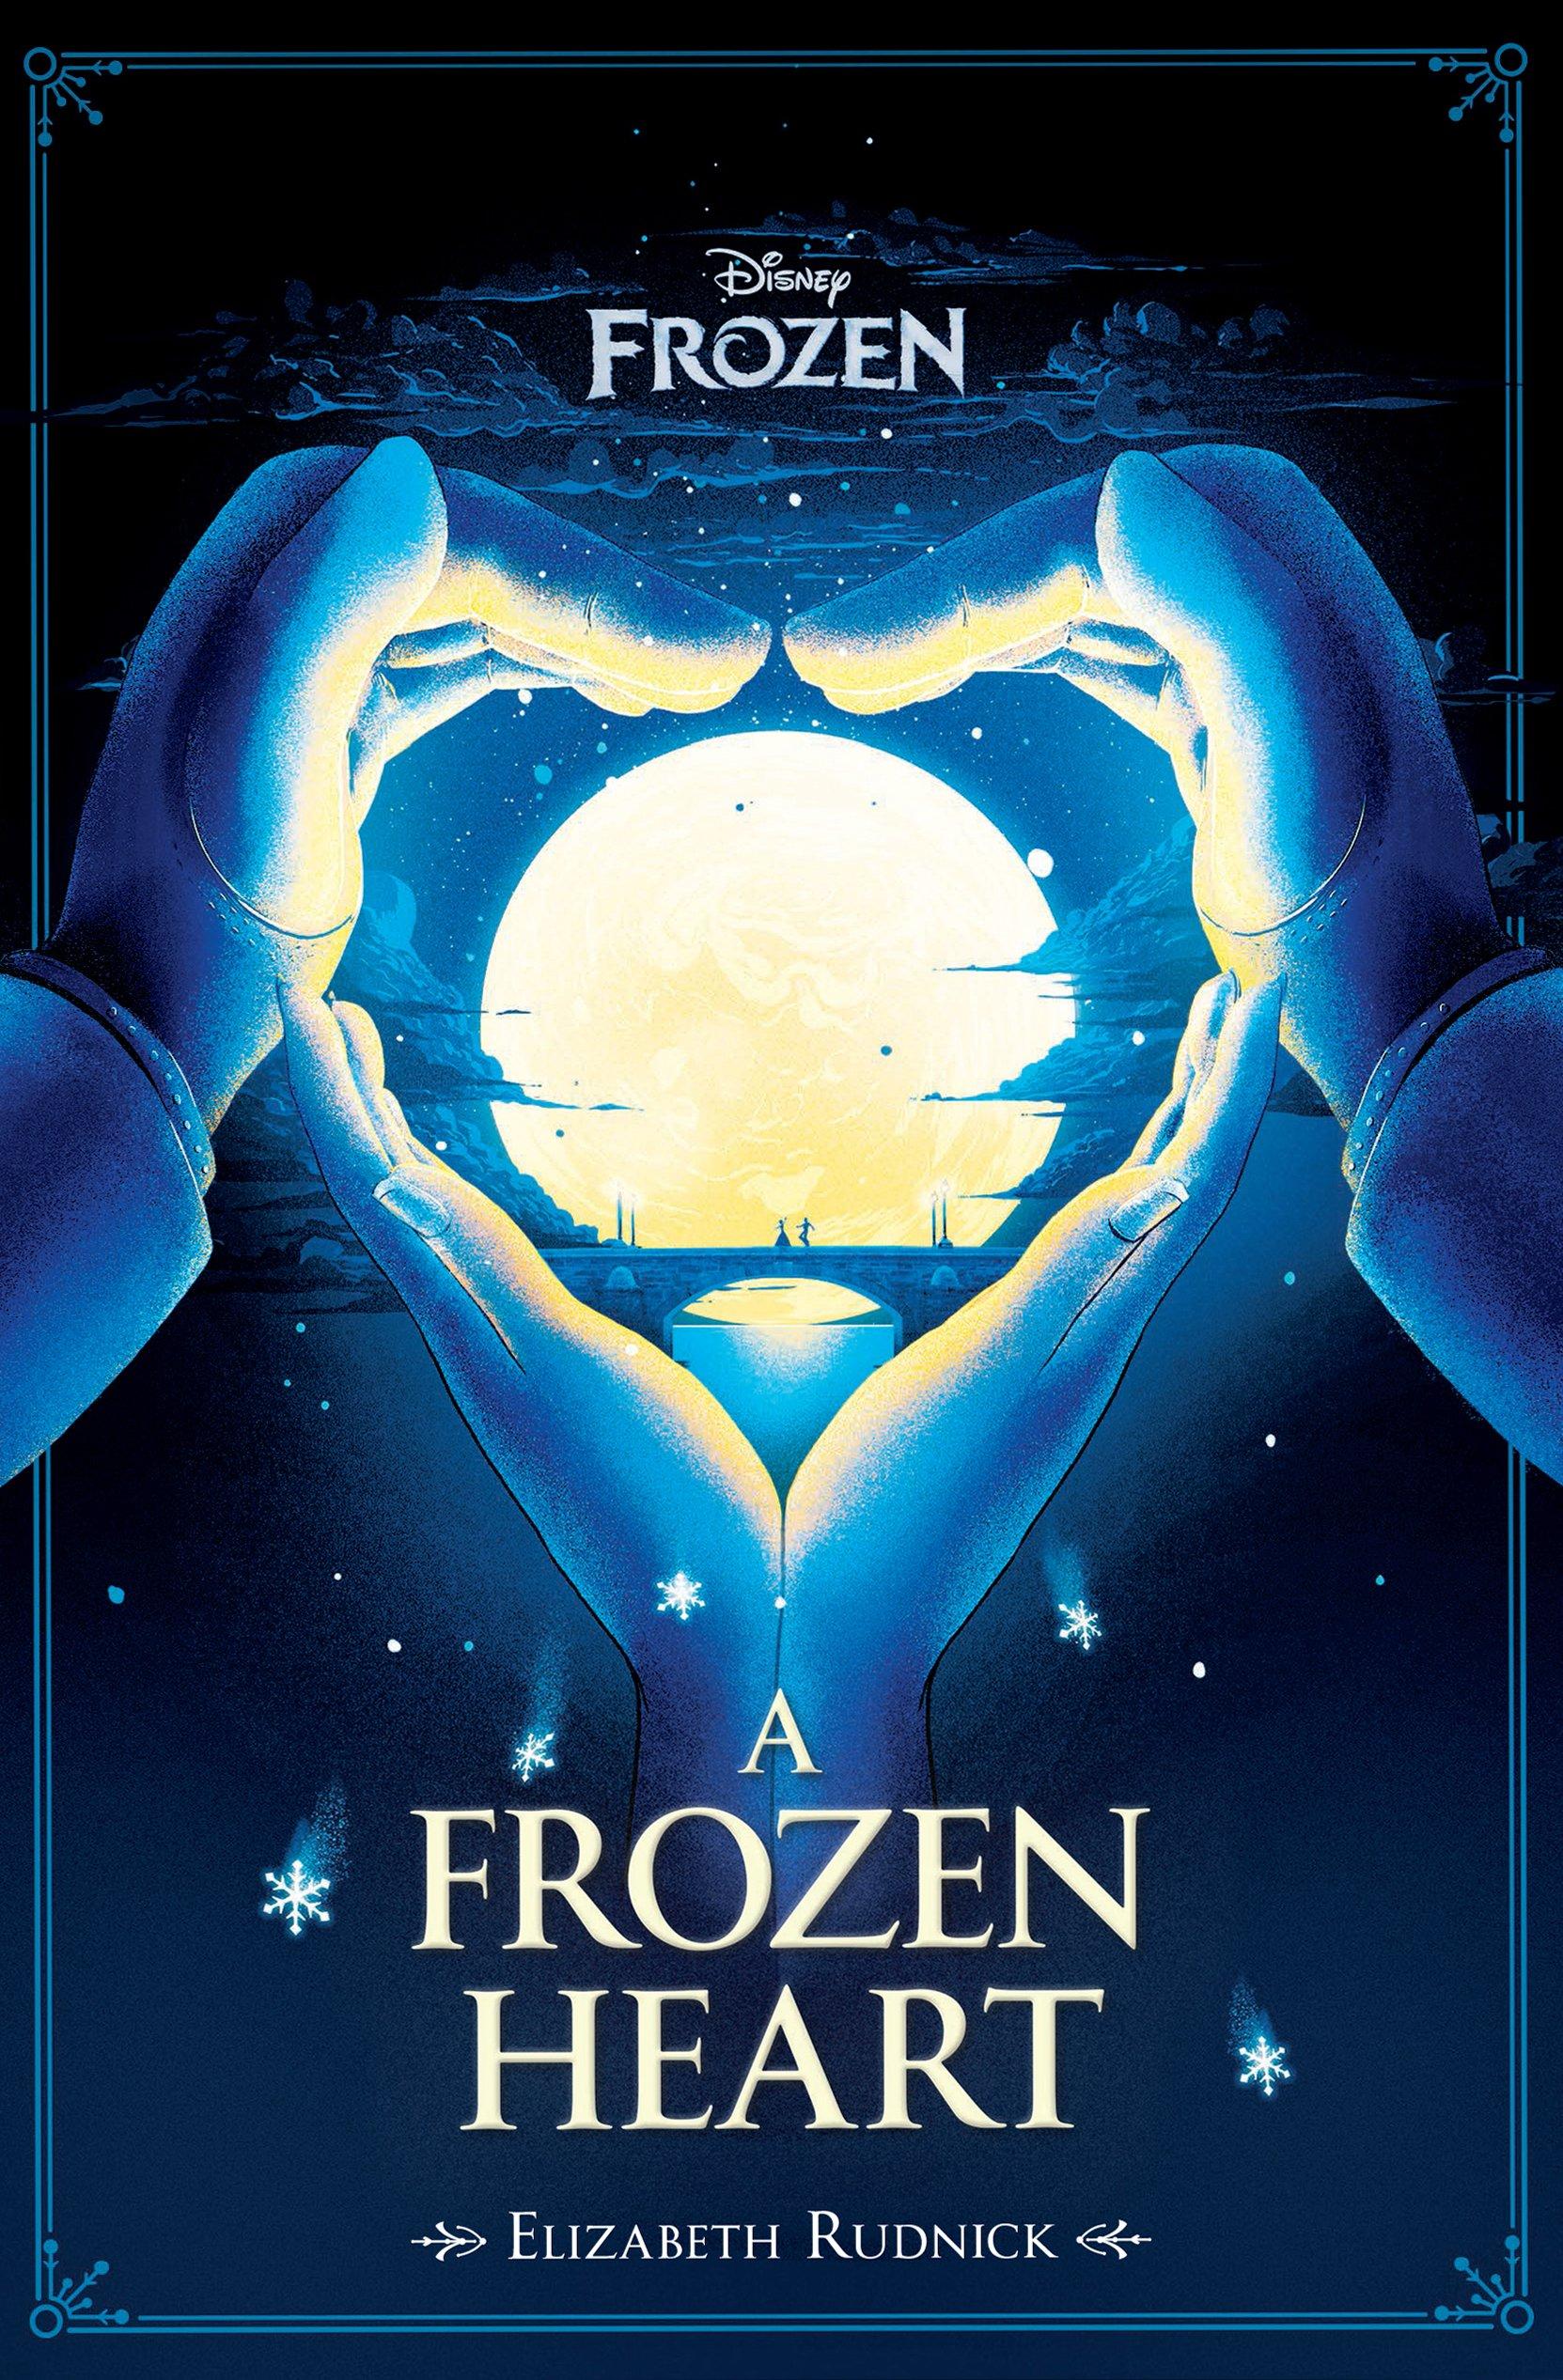 A Frozen Heart   Disney Wiki   FANDOM powered by Wikia